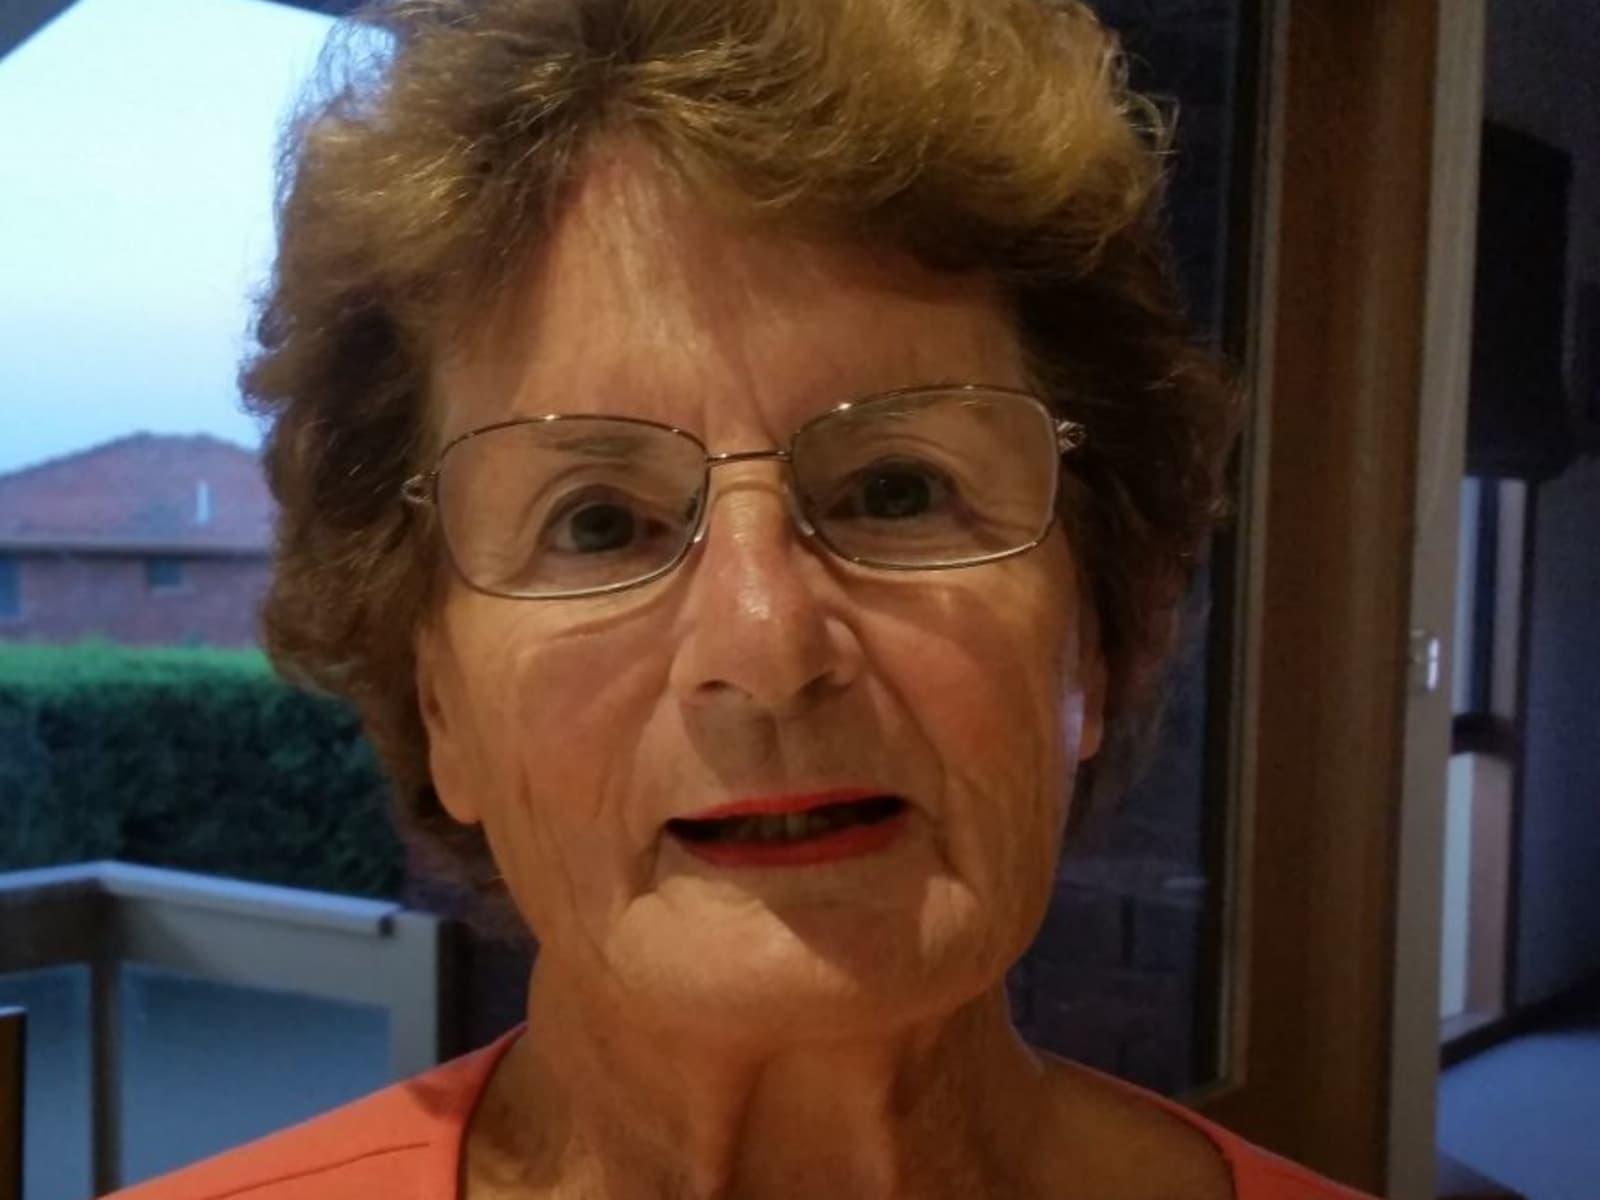 Berylin from Melbourne, Victoria, Australia